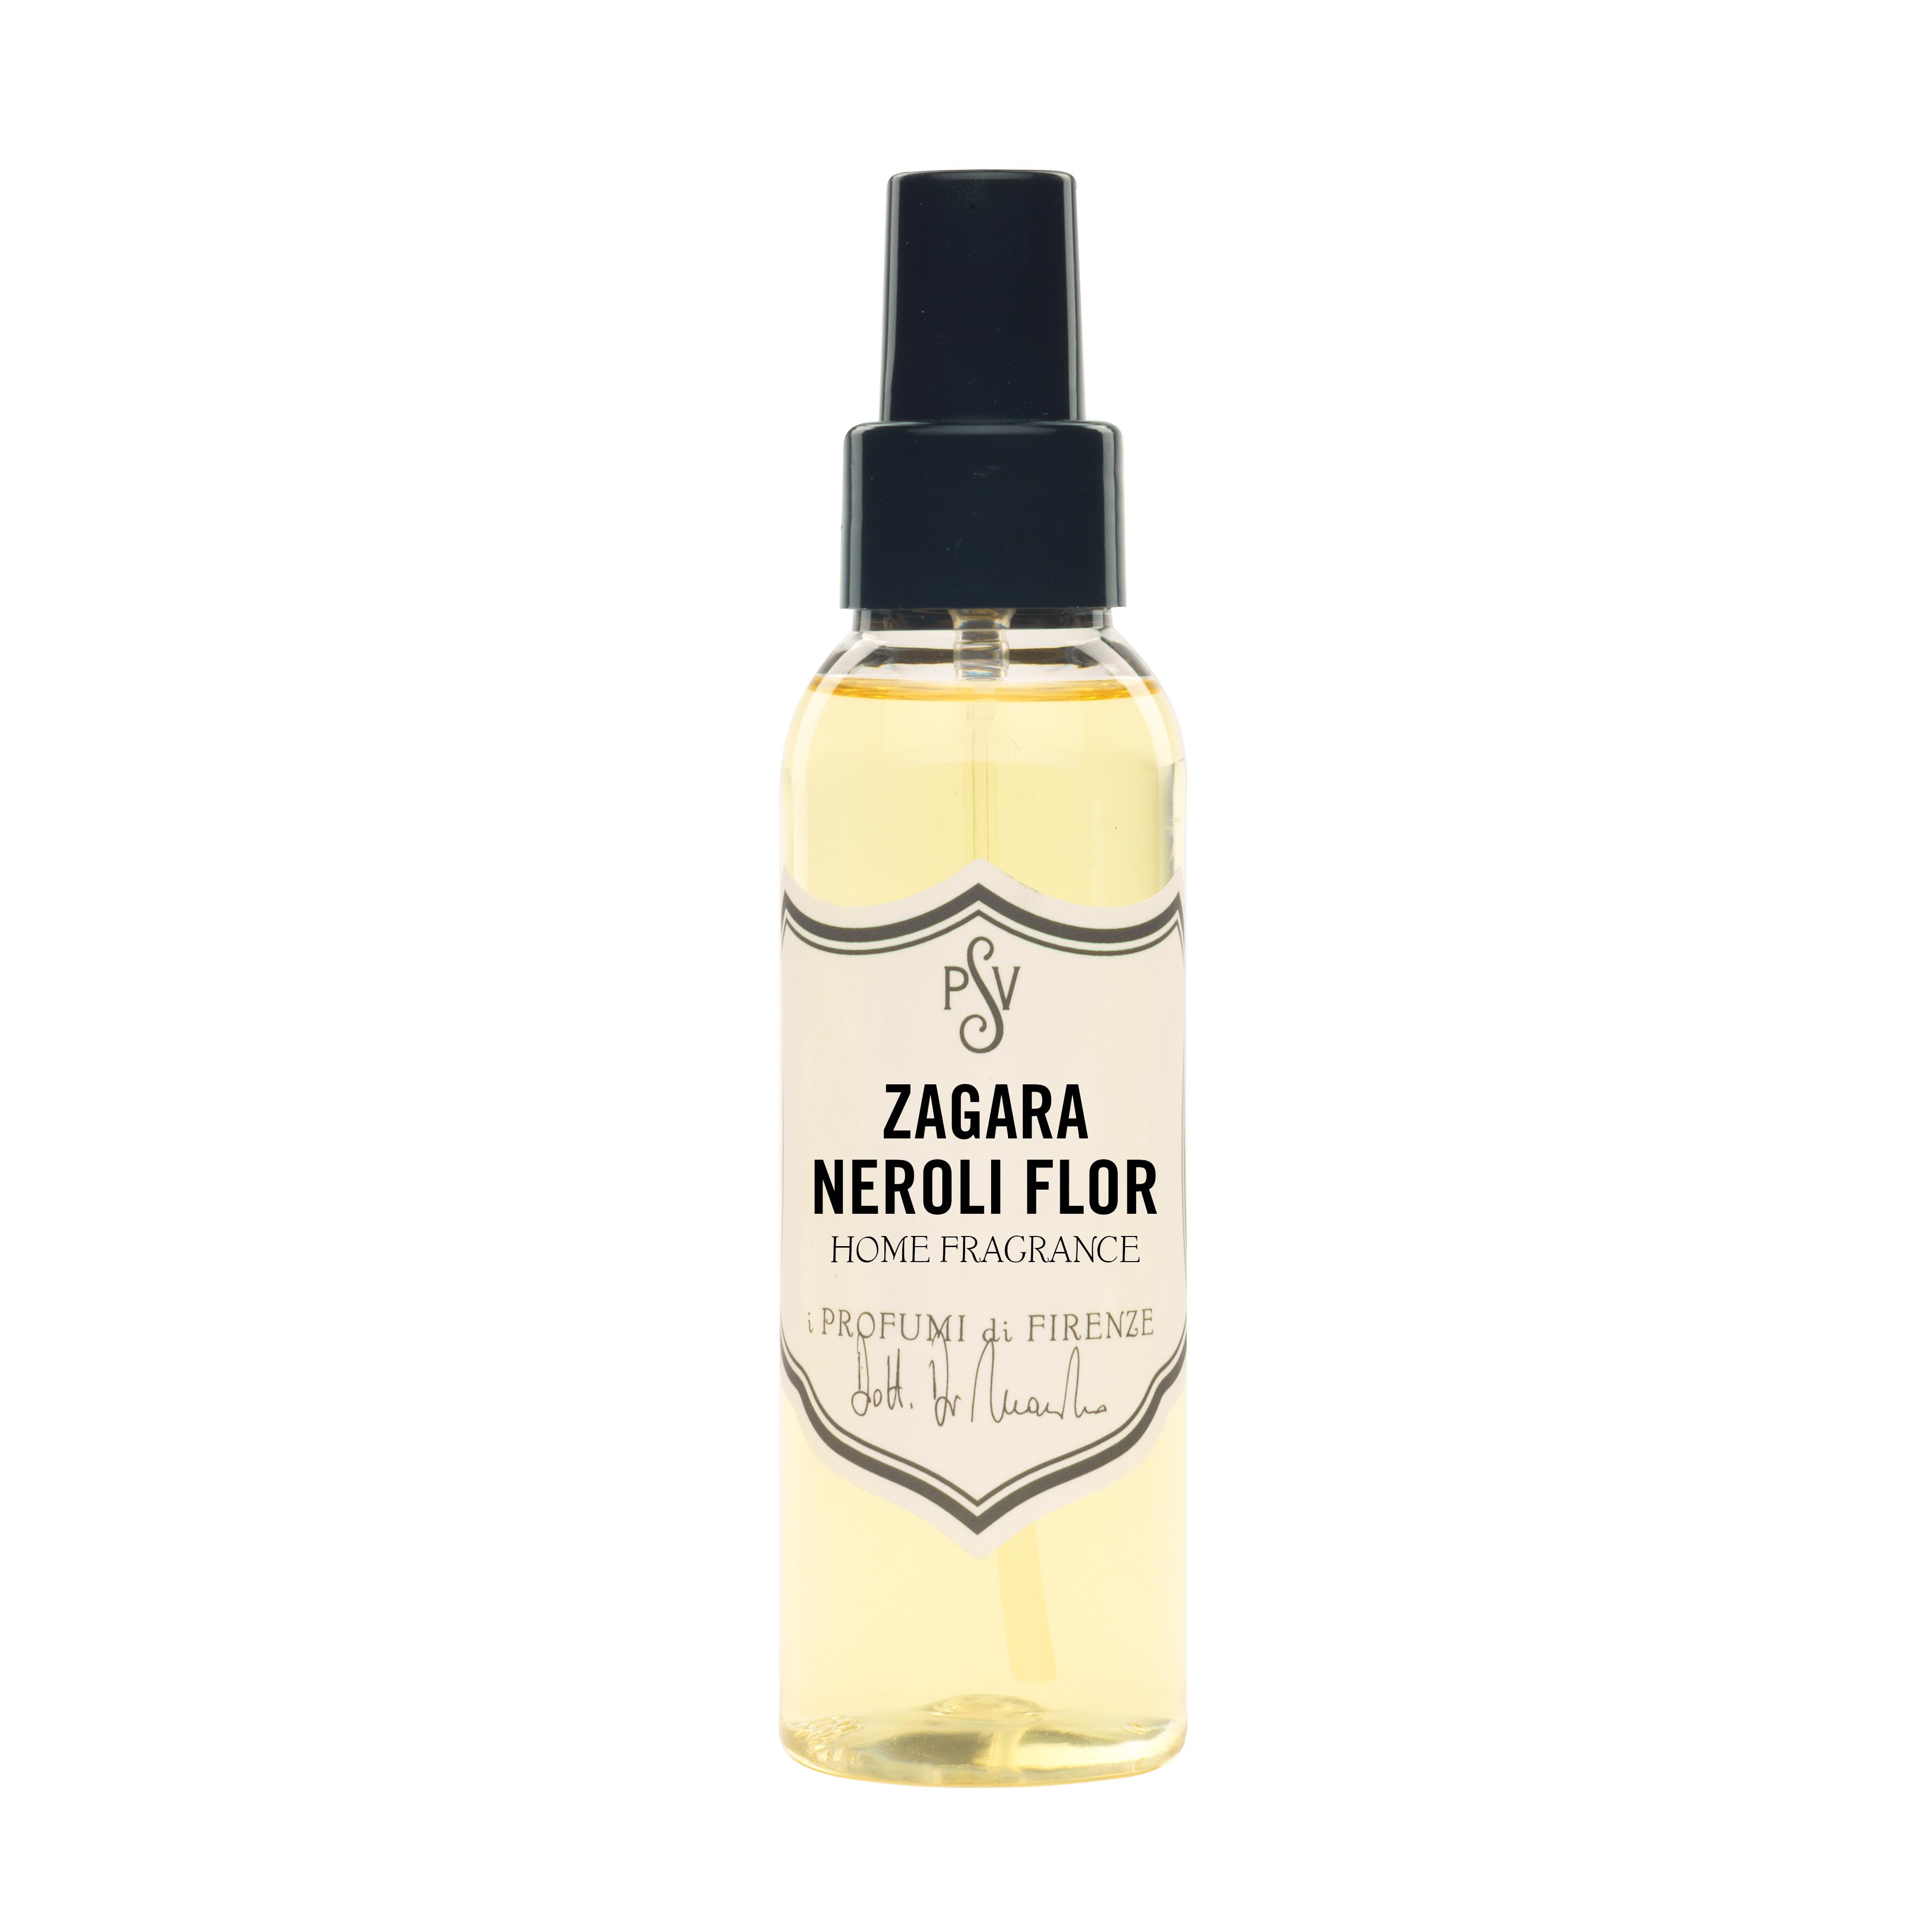 ZAGARA NEROLI FLOR 100ml Home Fragrance Spray-0